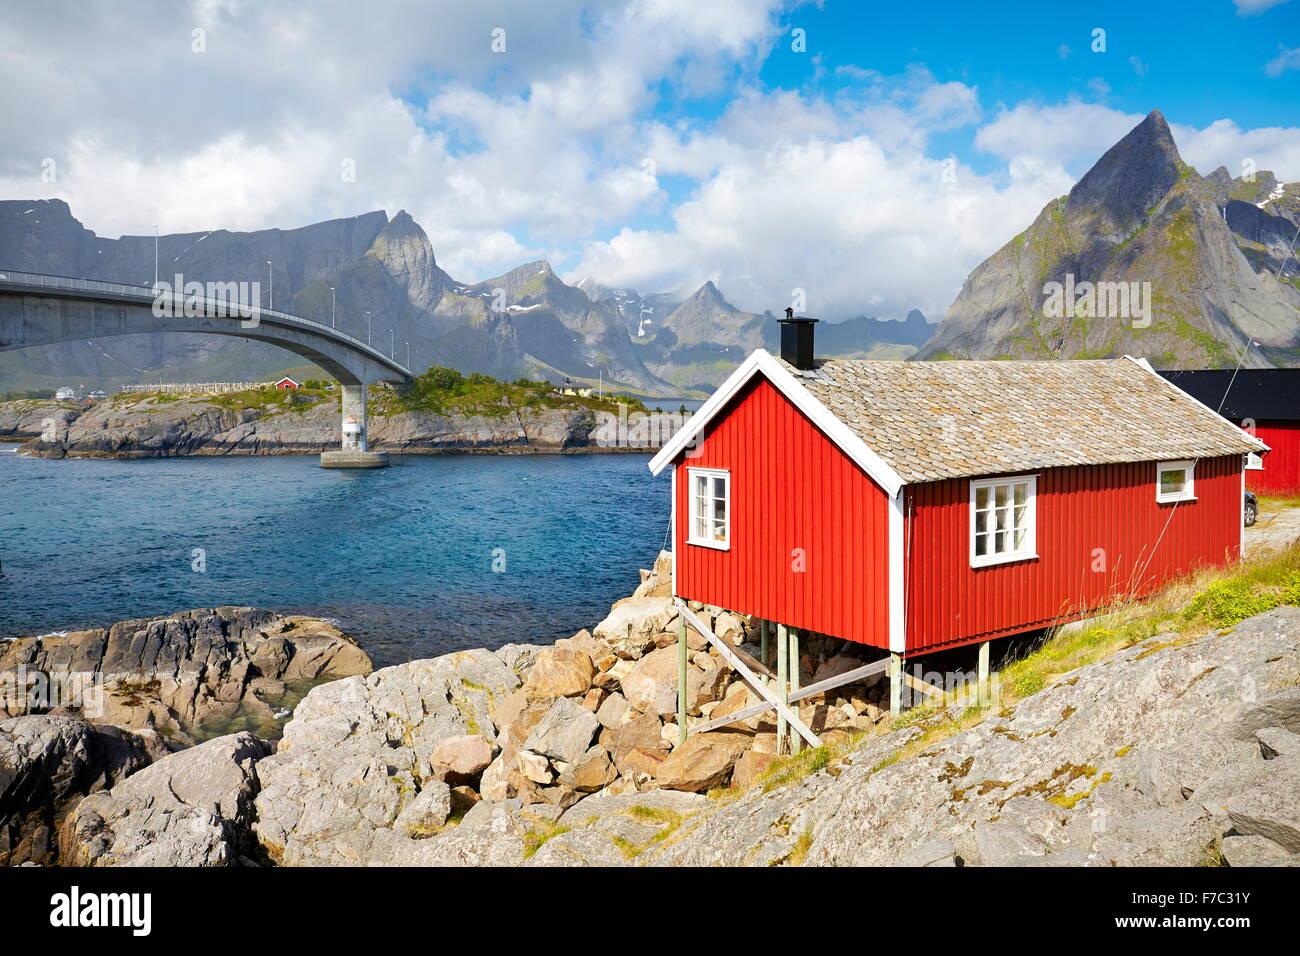 Tradizionale in rosso hut rorbu casa sulle Isole Lofoten in Norvegia Immagini Stock